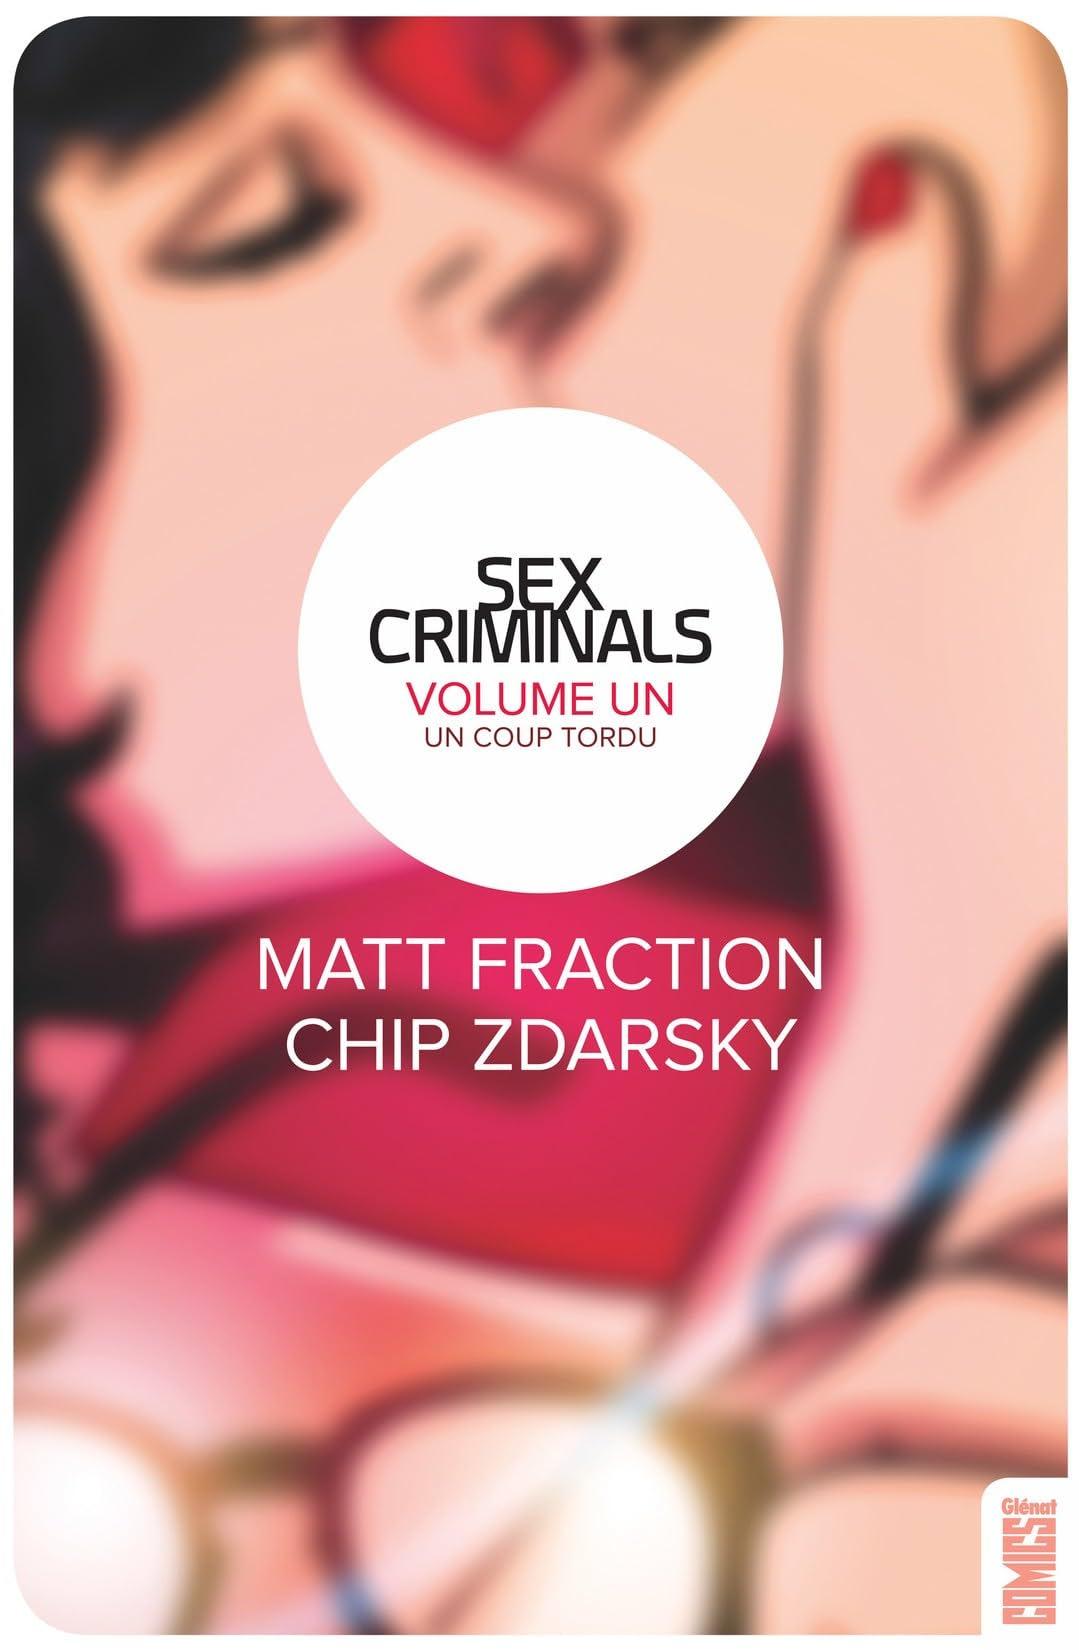 Sex Criminals Vol. 1: Un coup tordu